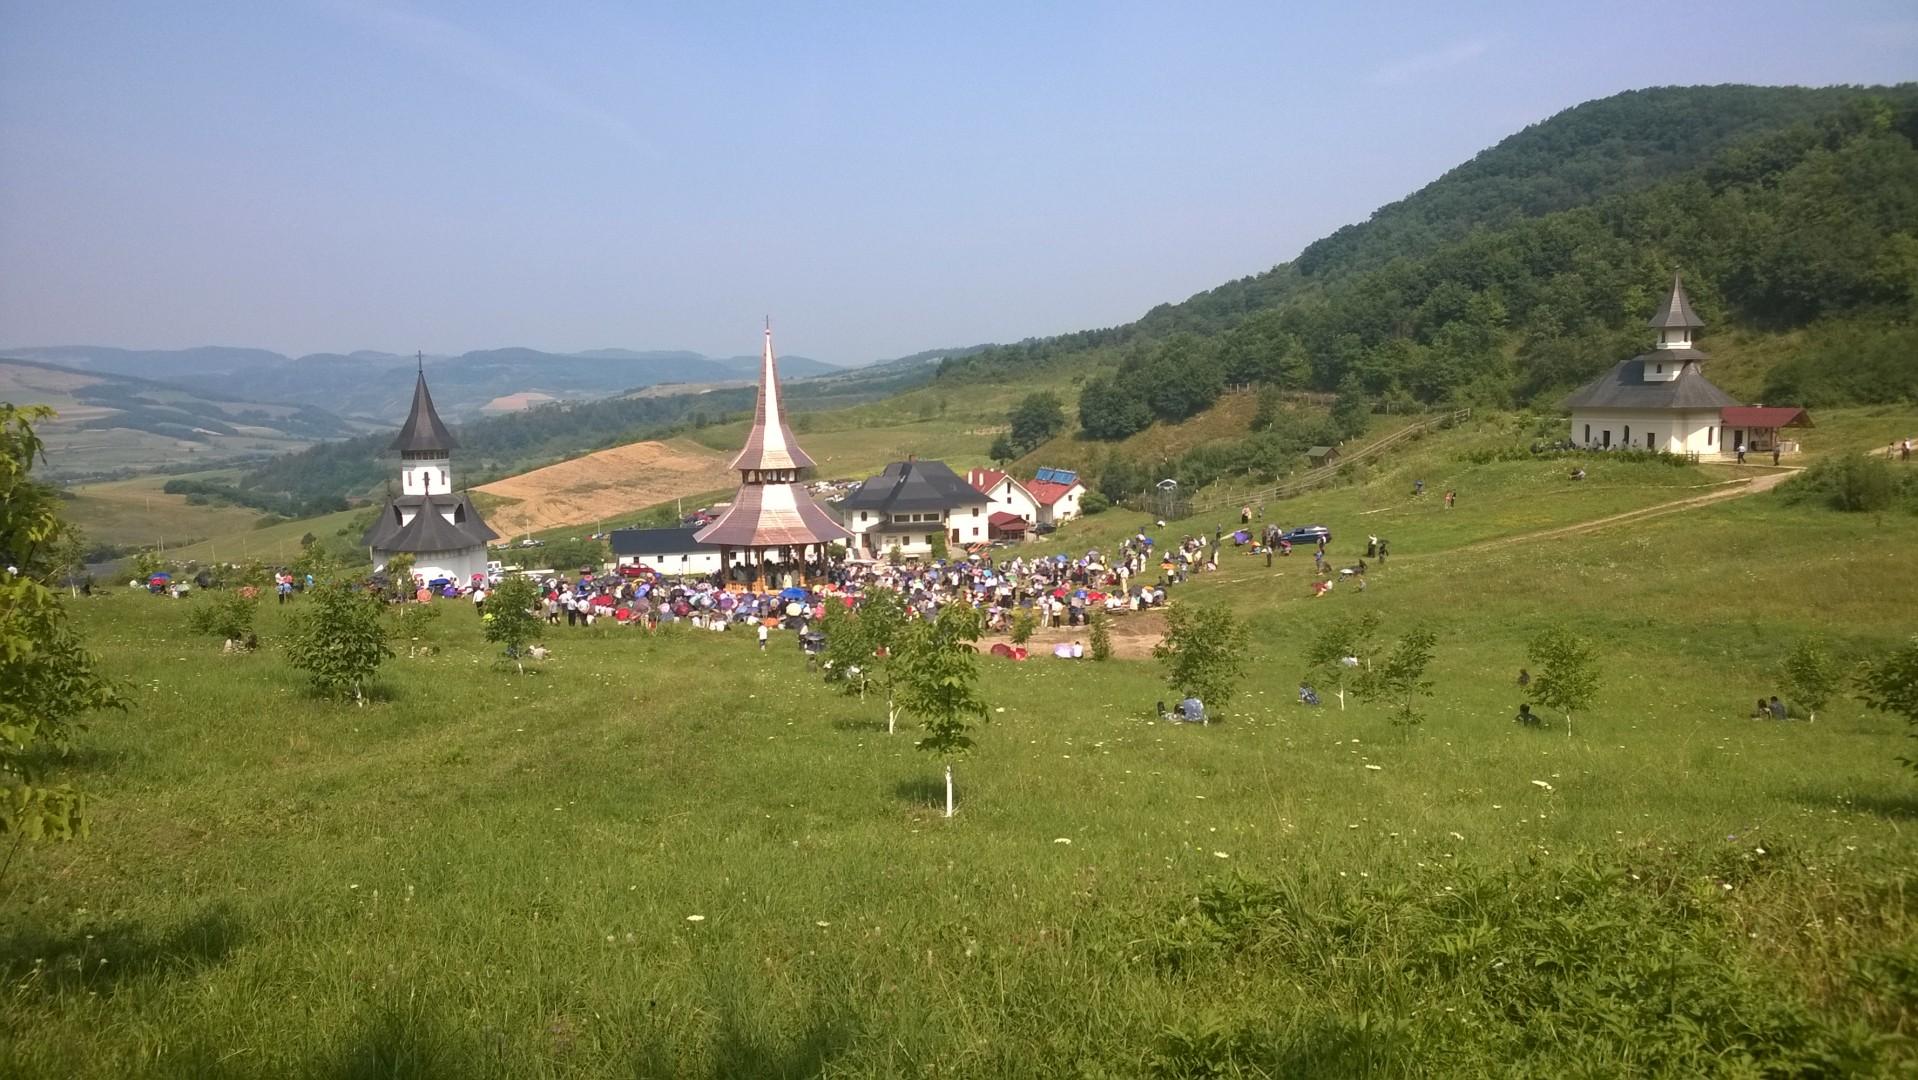 20 iulie 2018  20 IULIE 2018(vineri), Pelerinaj la MĂNĂSTIREA SFÂNTUL PROOROC ILIE de la NUȘENI cu ocazia hramului